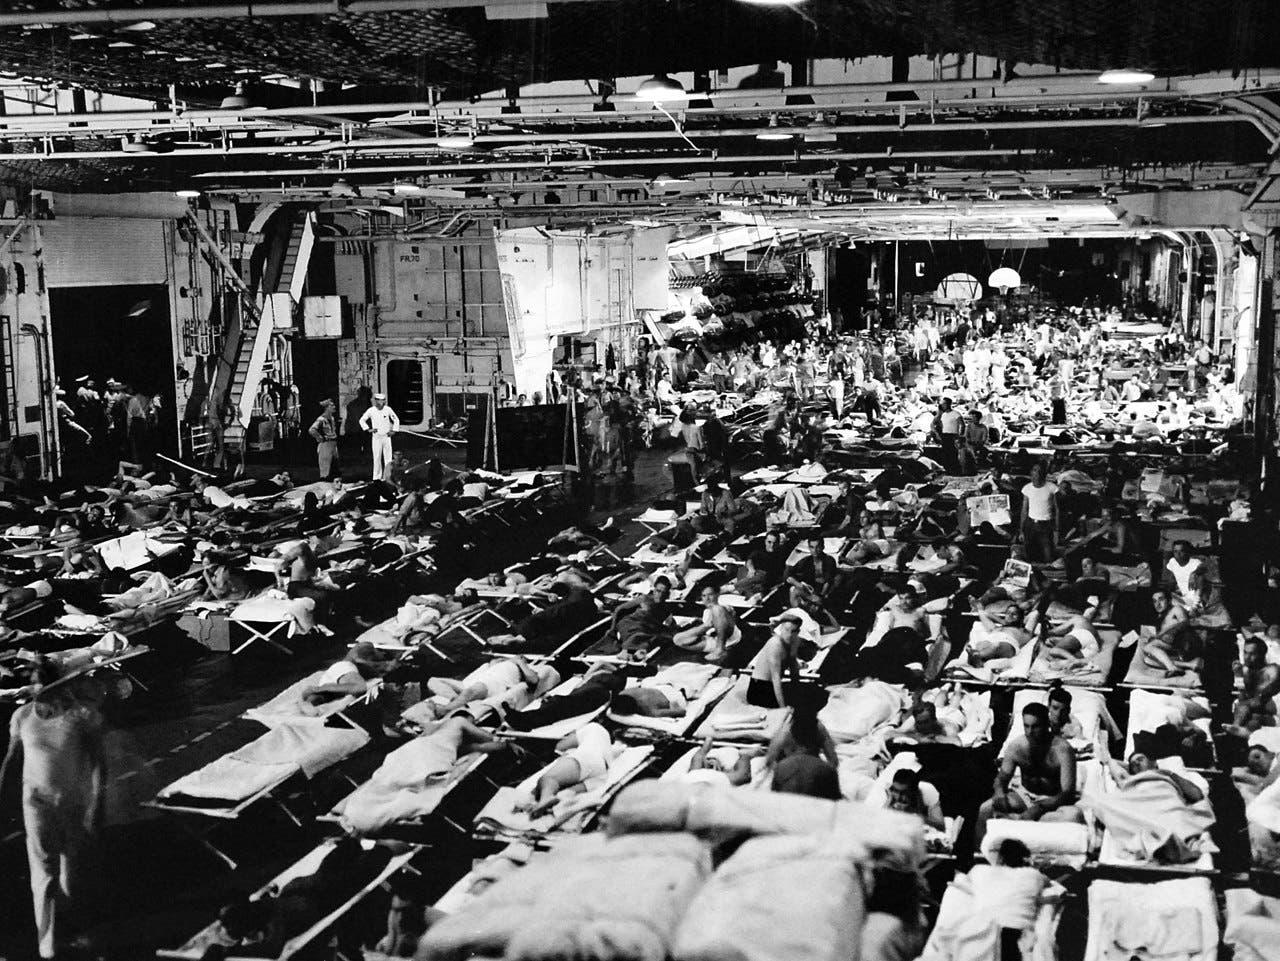 صورة تجسد الحالة المزرية للجنود الأميركيين أثناء عودتهم نحو الوطن